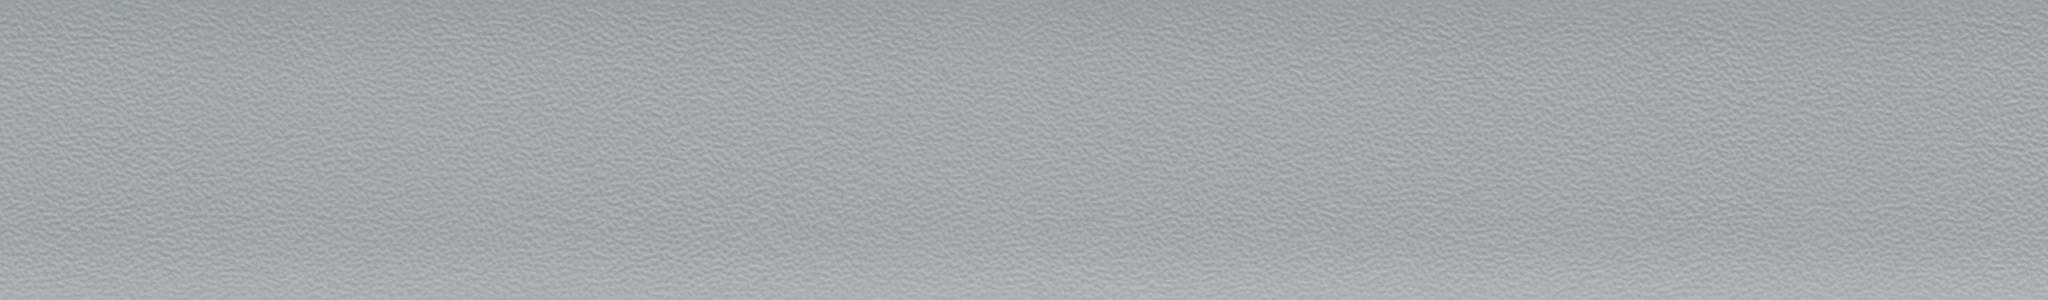 HU 17091 кромка ABS серая темная жемчуг 101